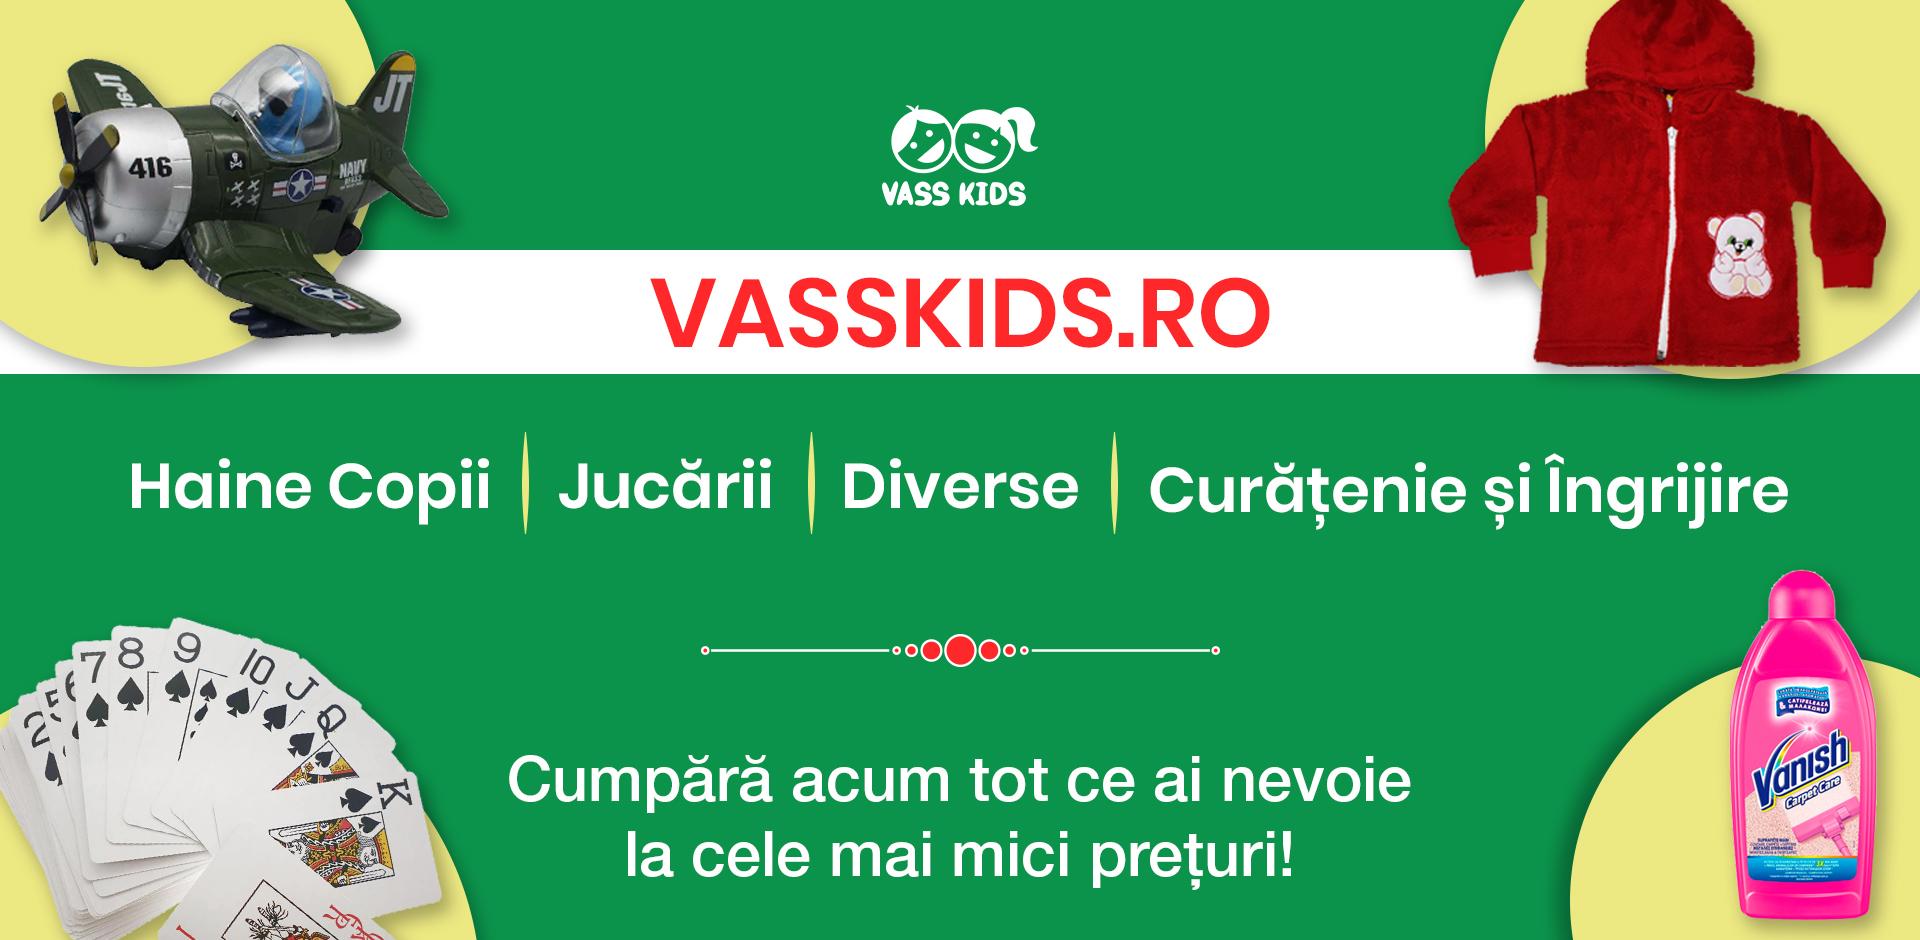 Vasskids